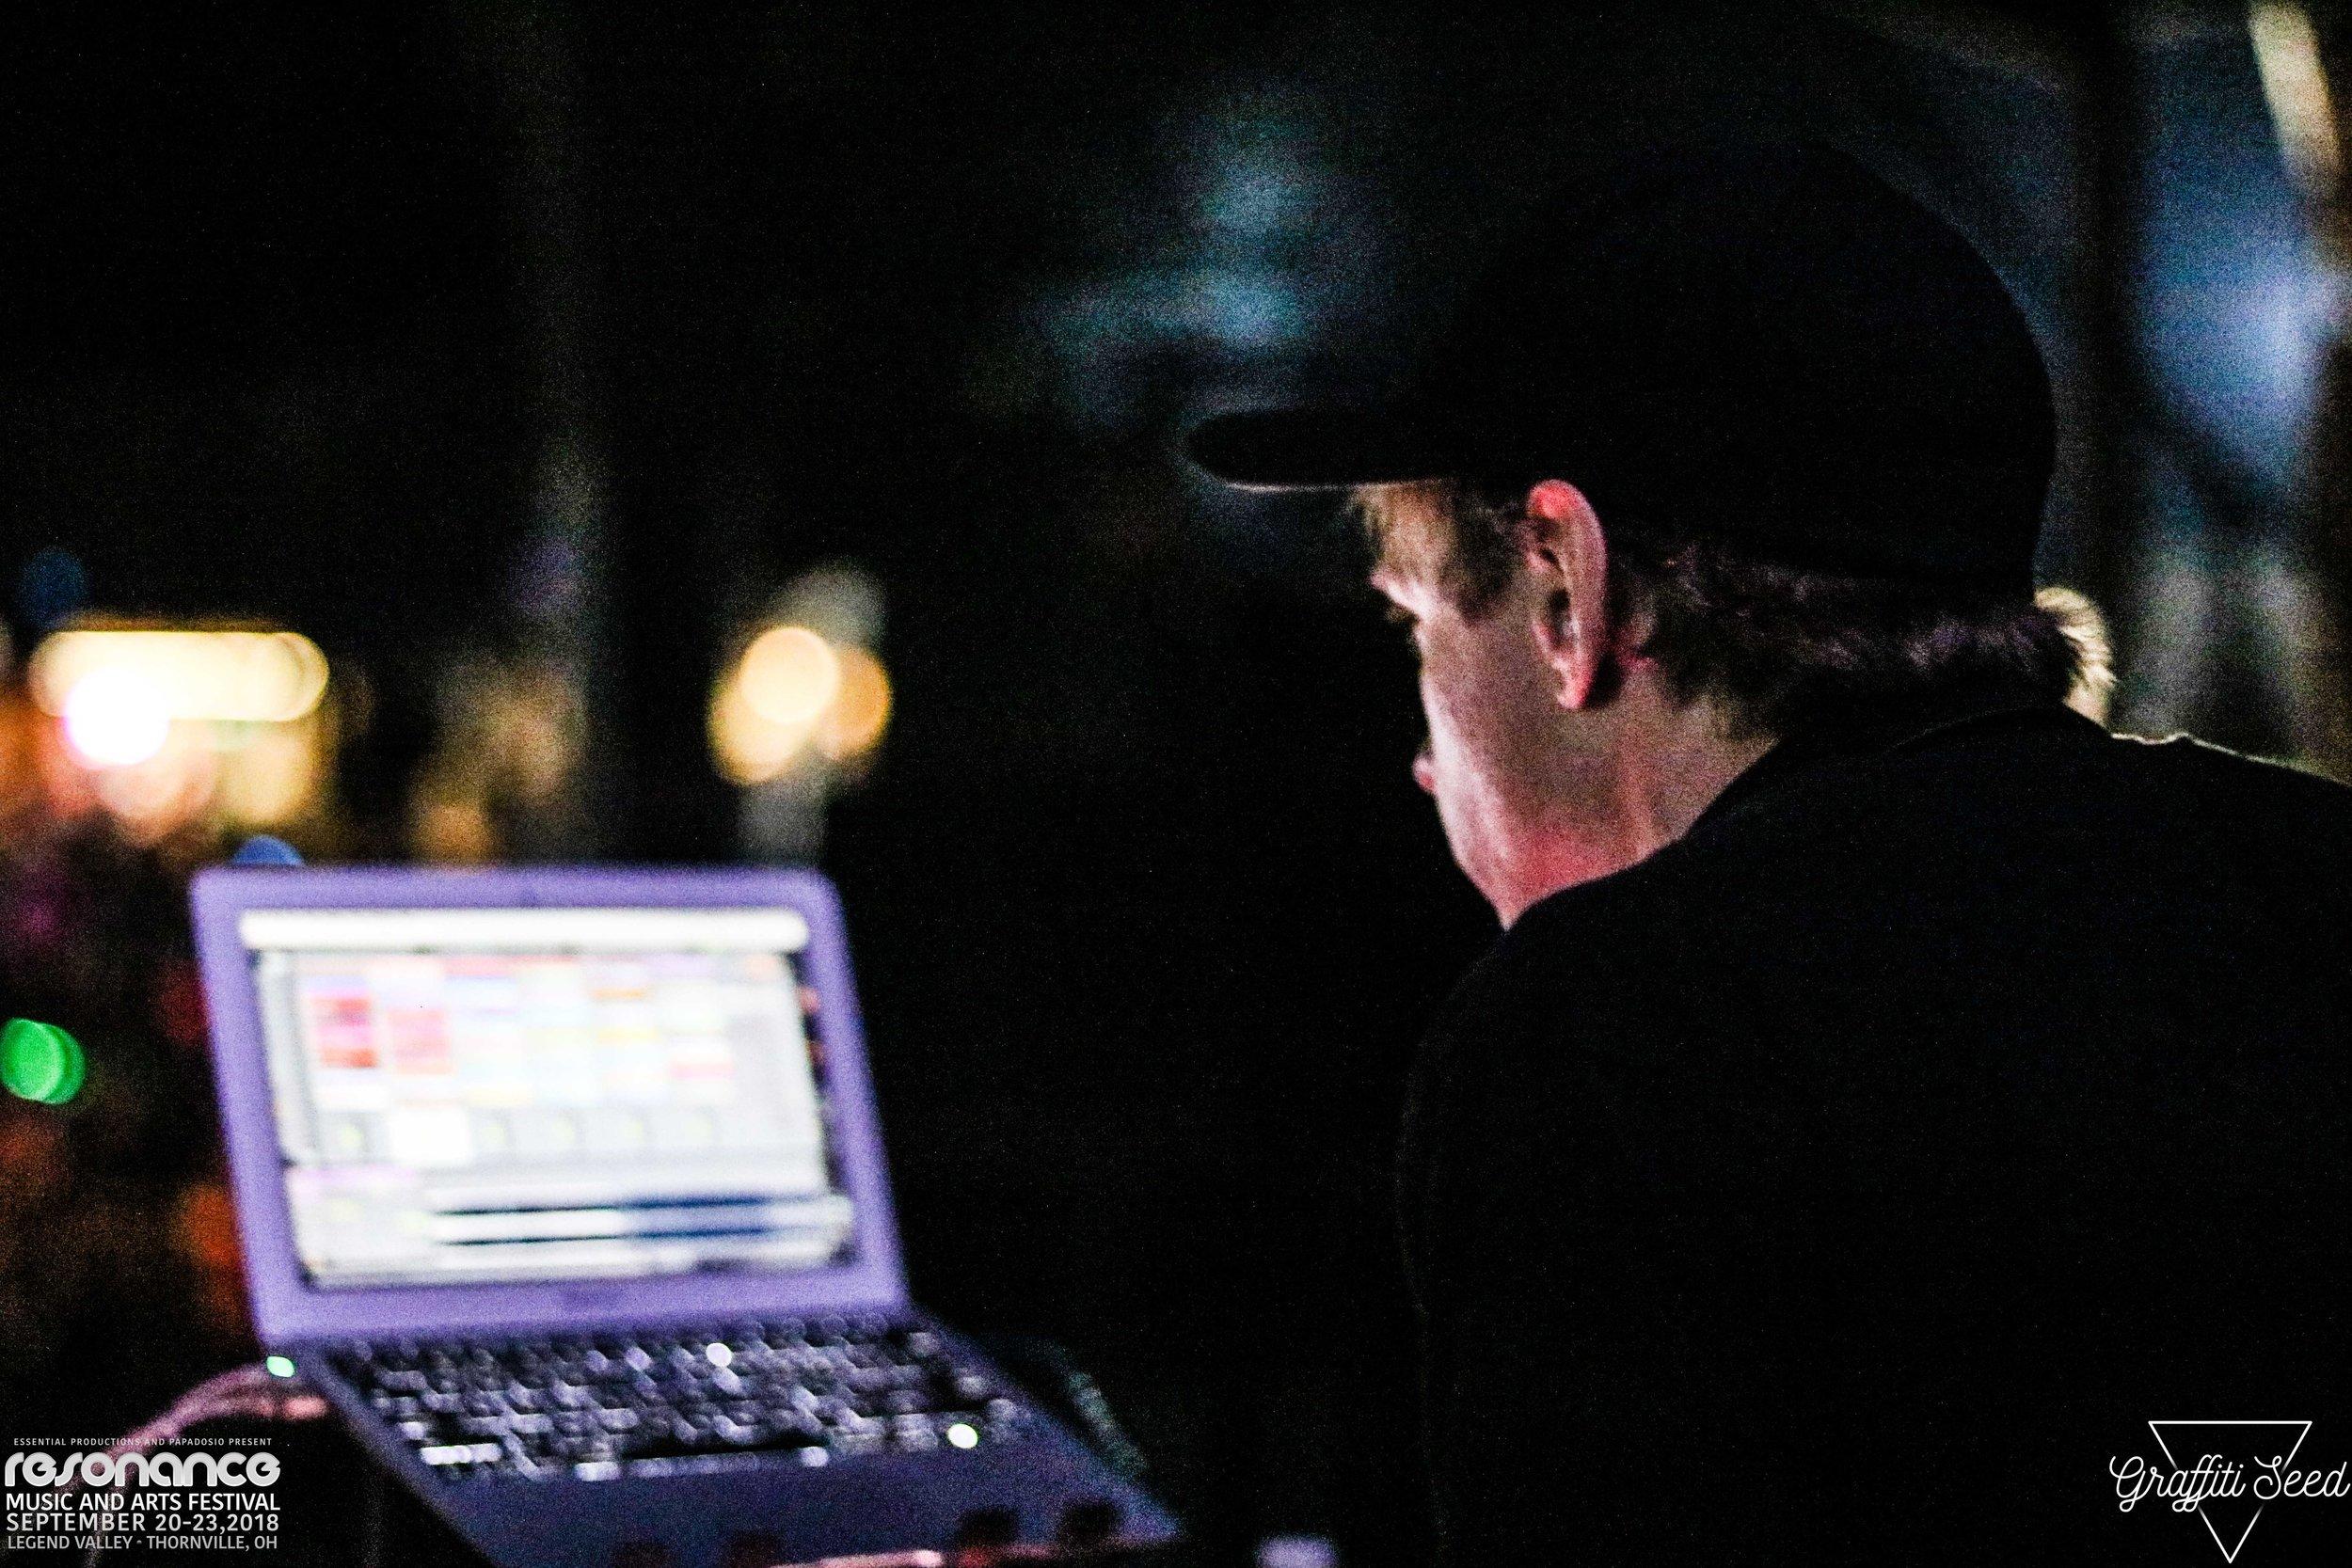 DAVE TIPPER _ Resonance Music Festival 2018 _ www.GraffitiSeed.com 2.jpg